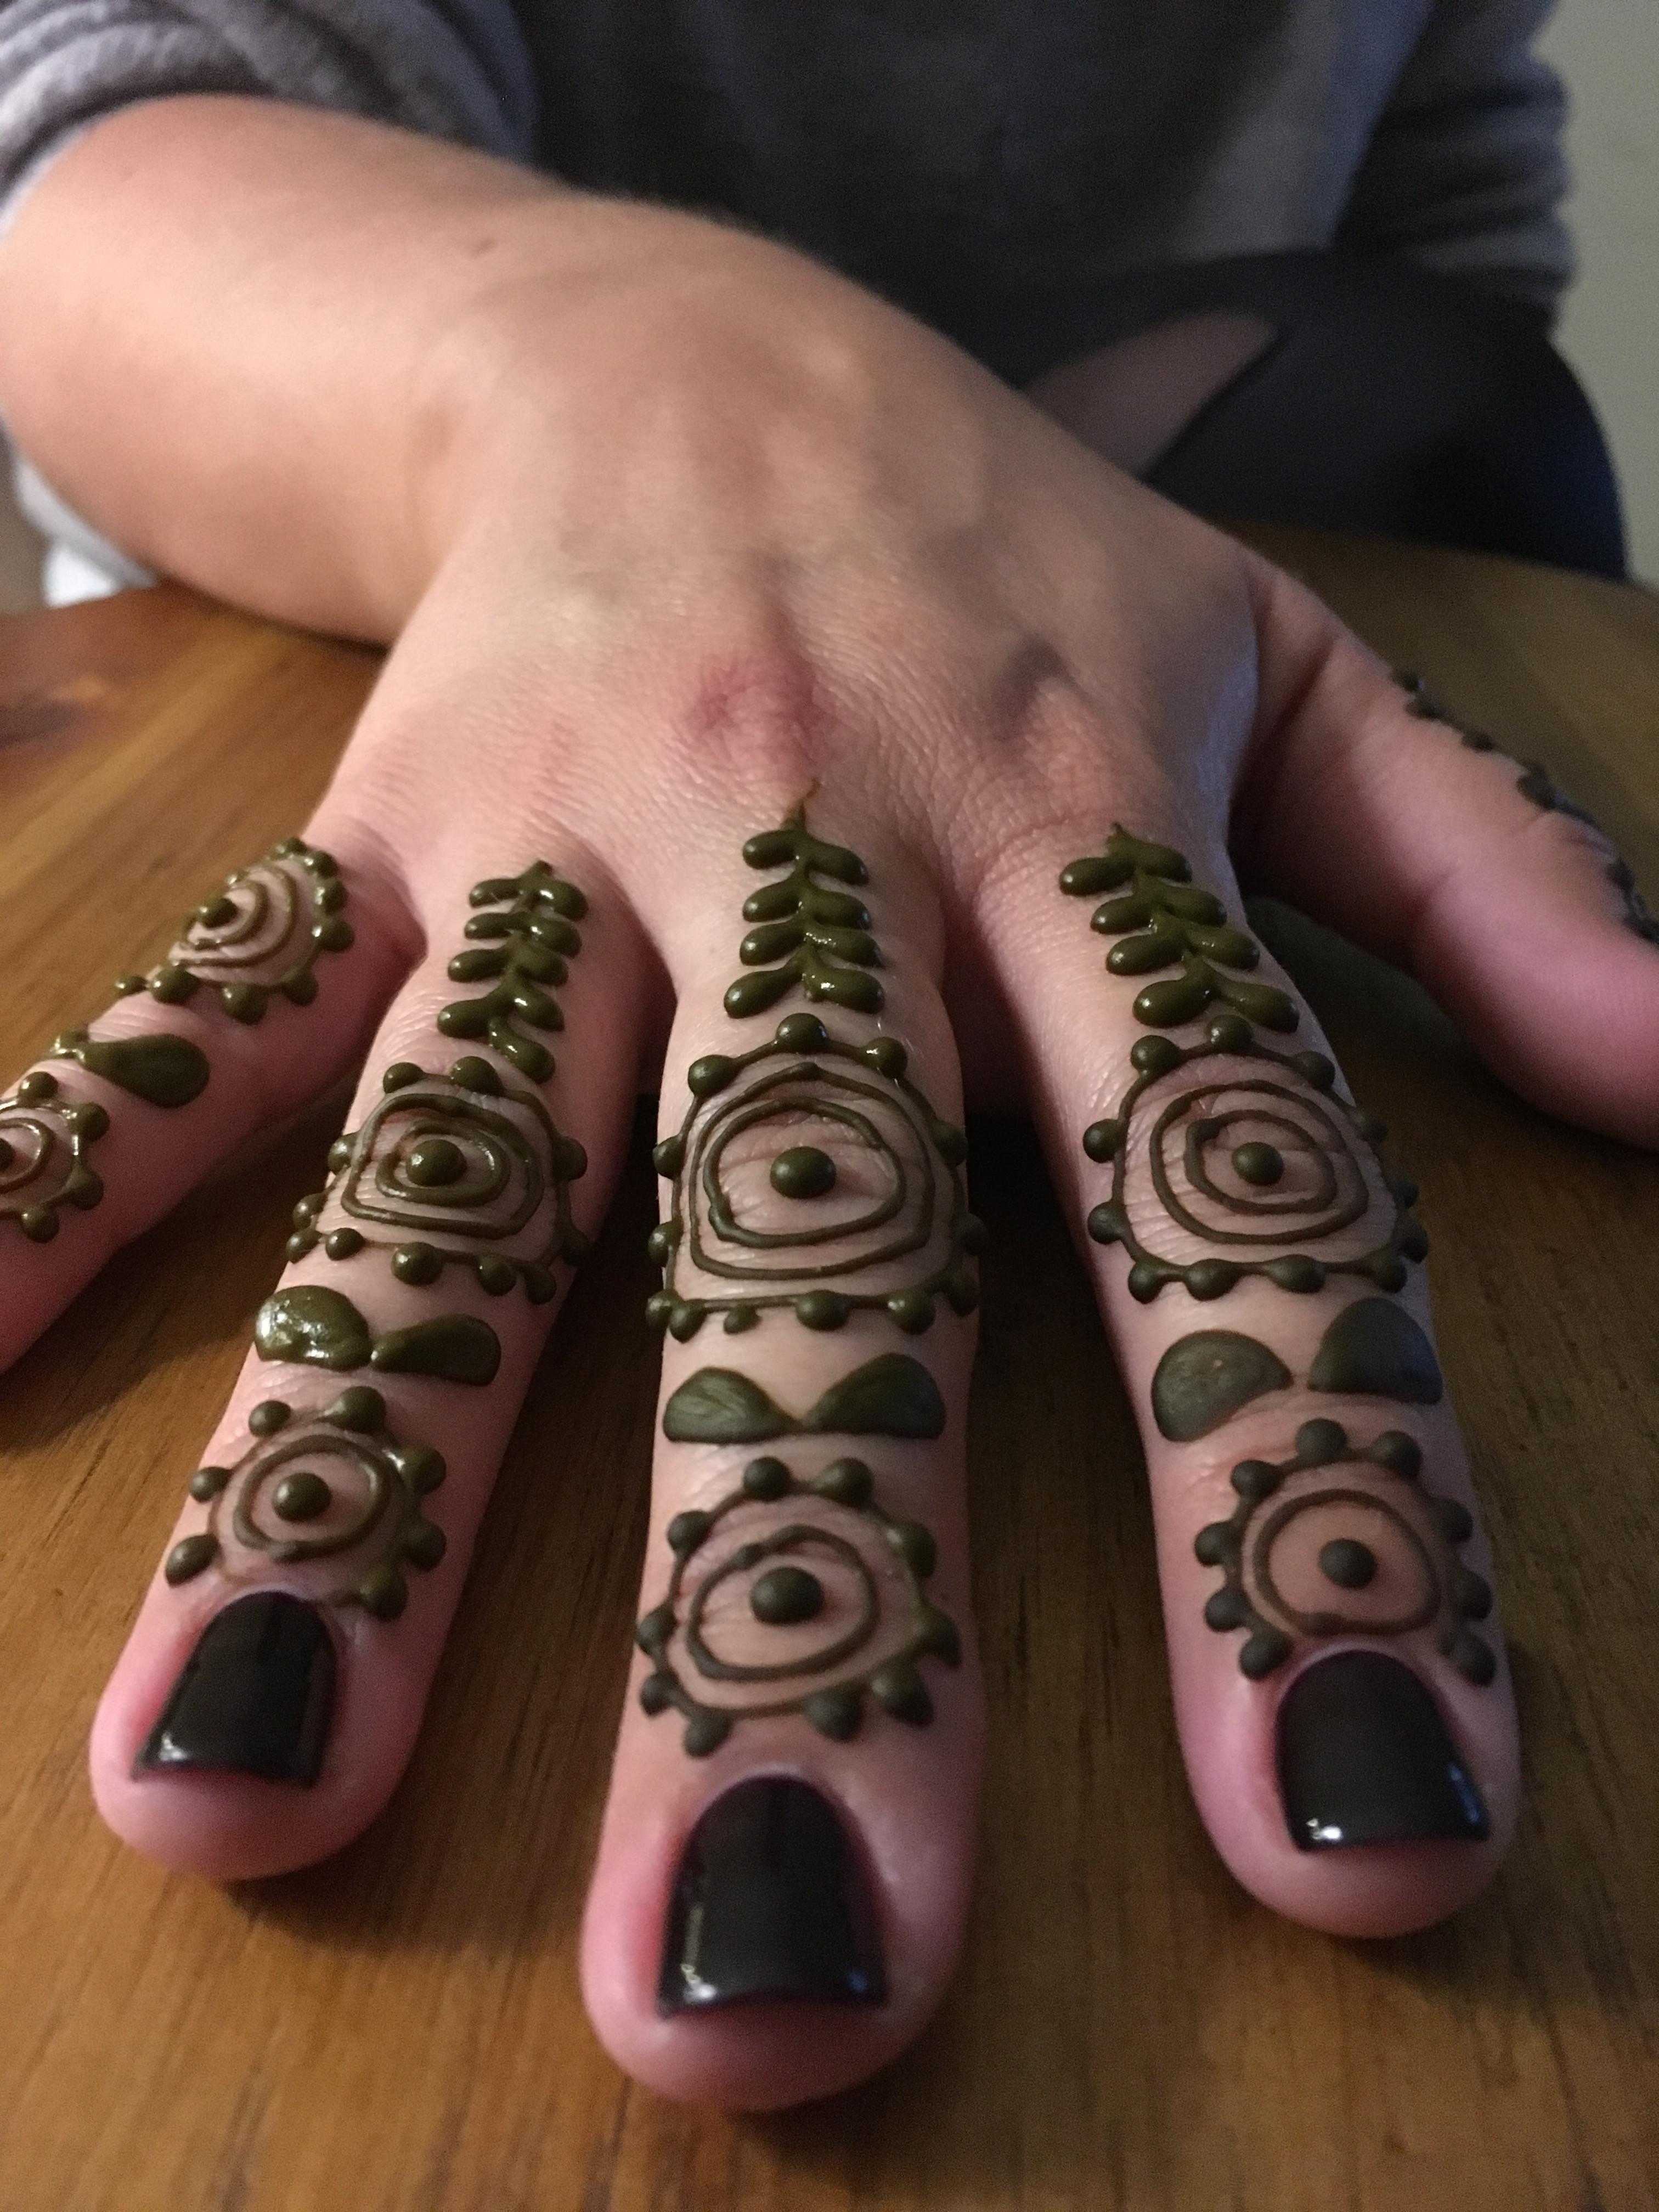 Finger bangs